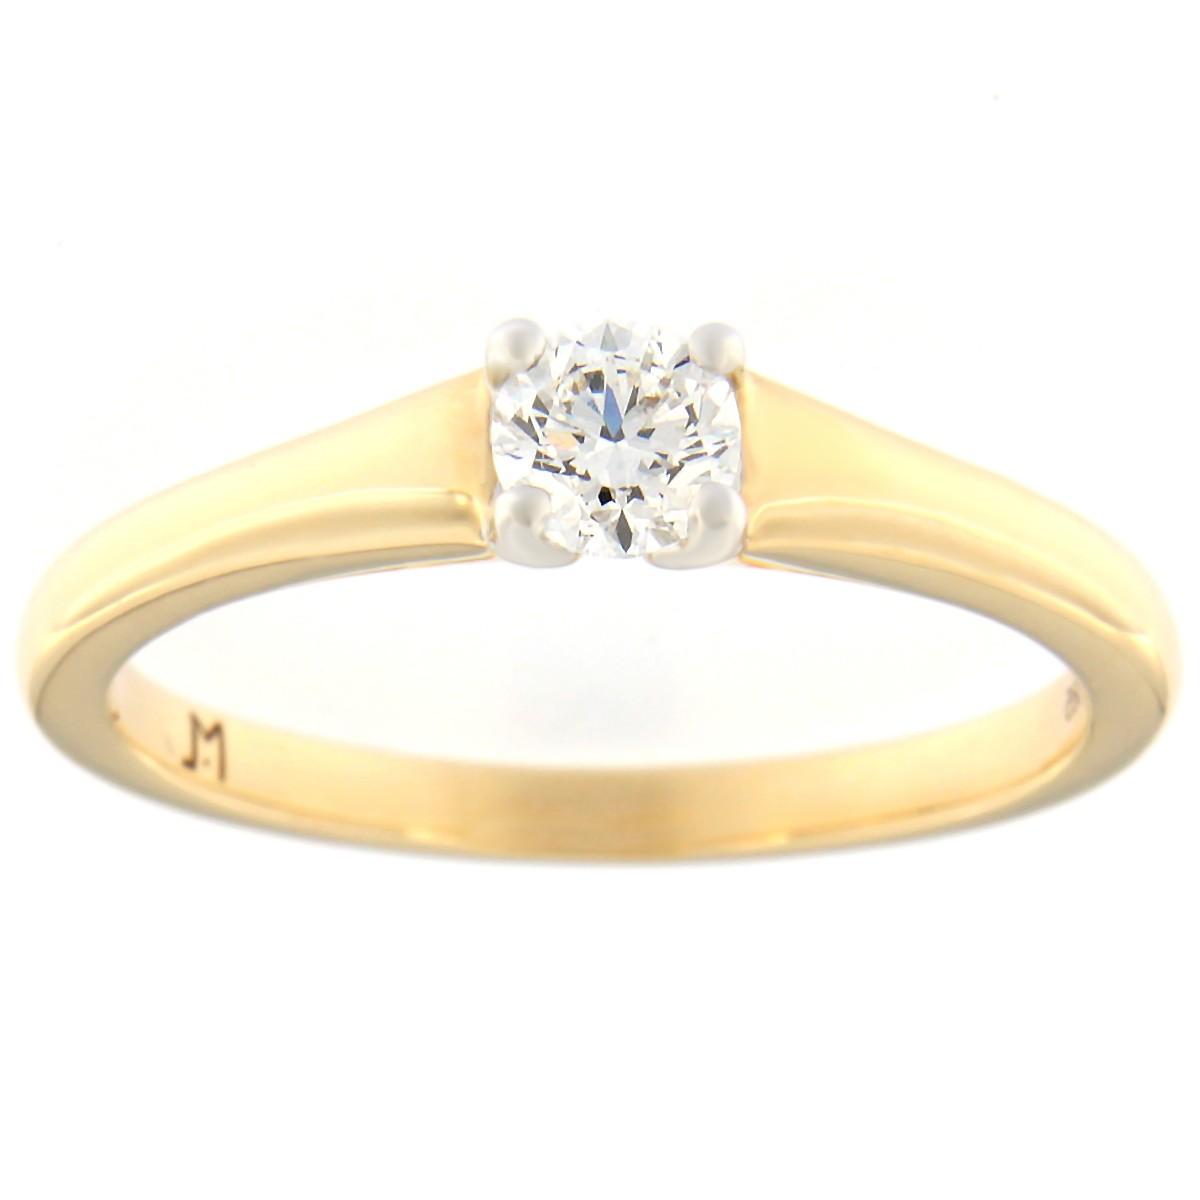 Kullast sõrmus teemantiga 0,30 ct. Kood: 100at